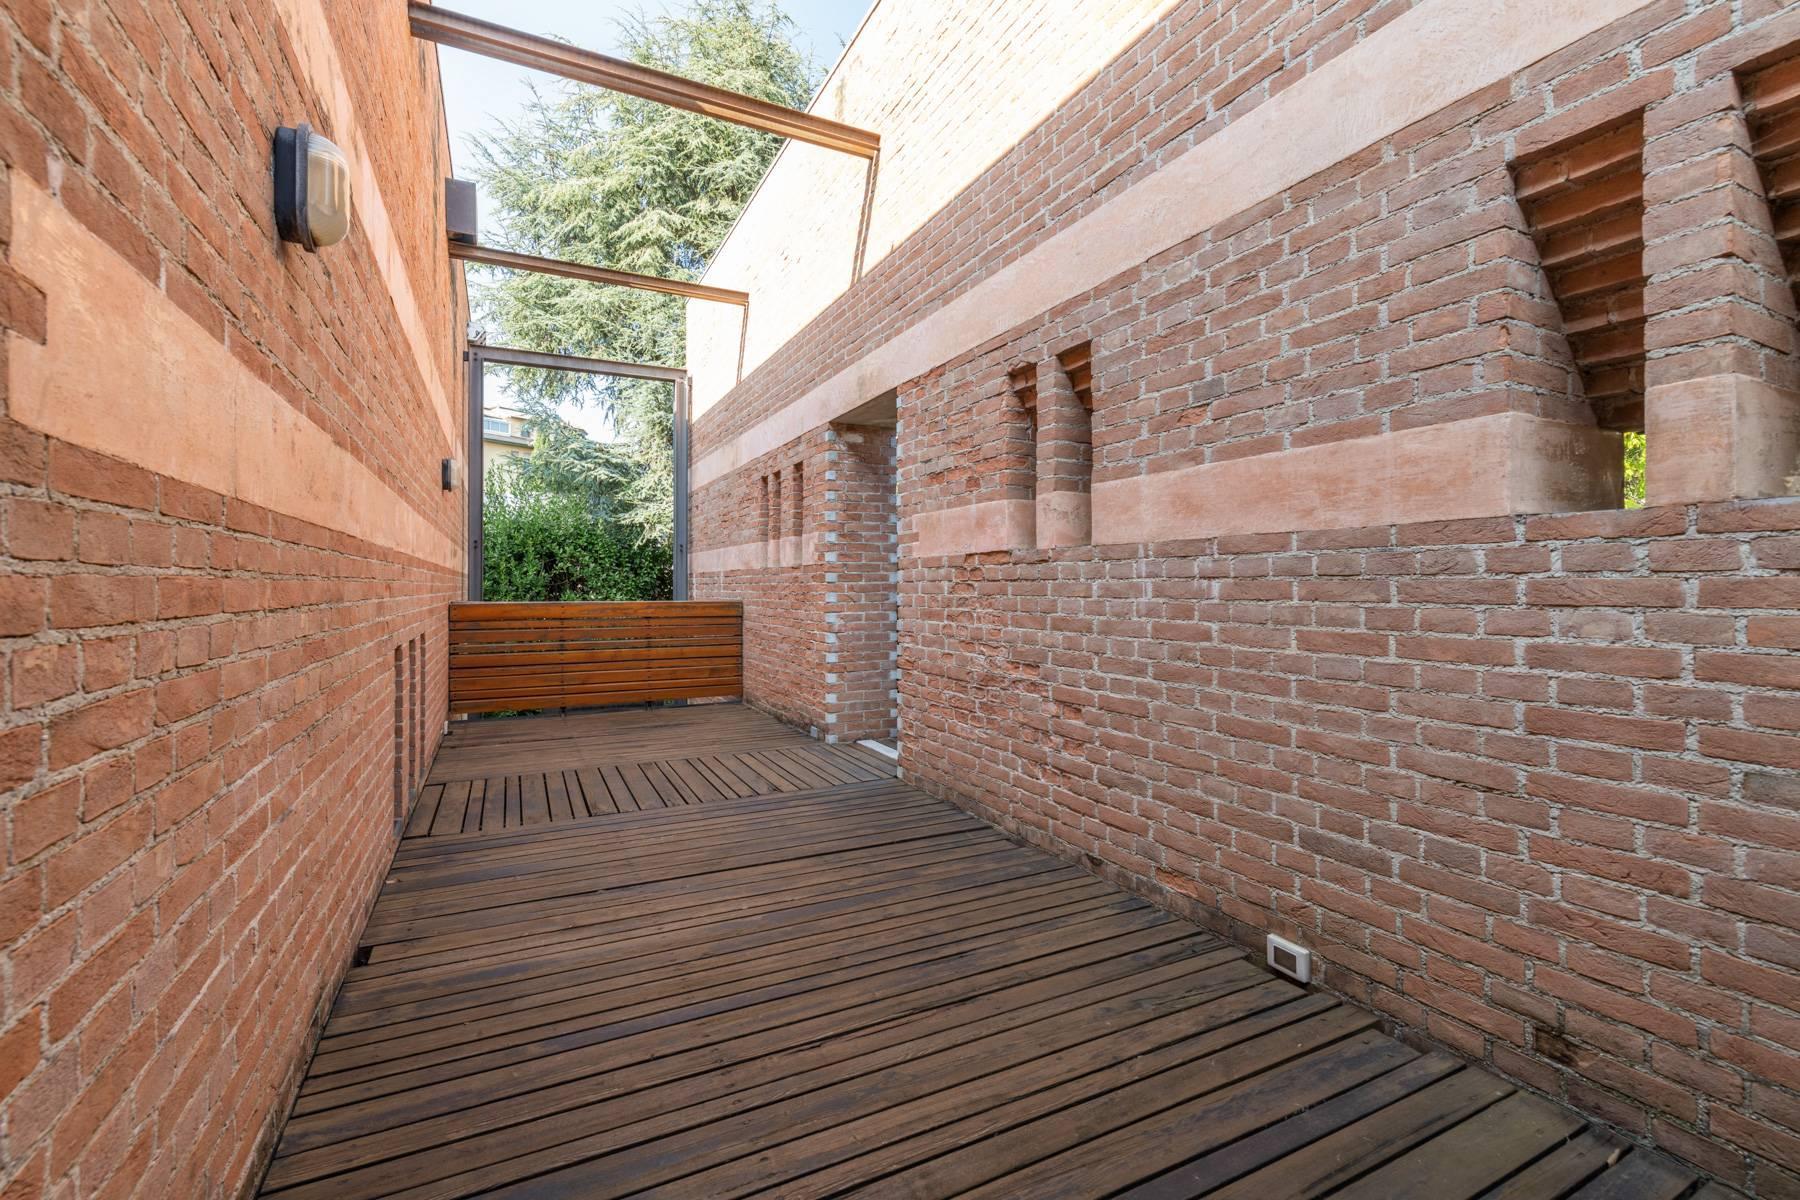 Raffinata Villa d'autore con giardino ed opere d'arte nel centro della città - 12